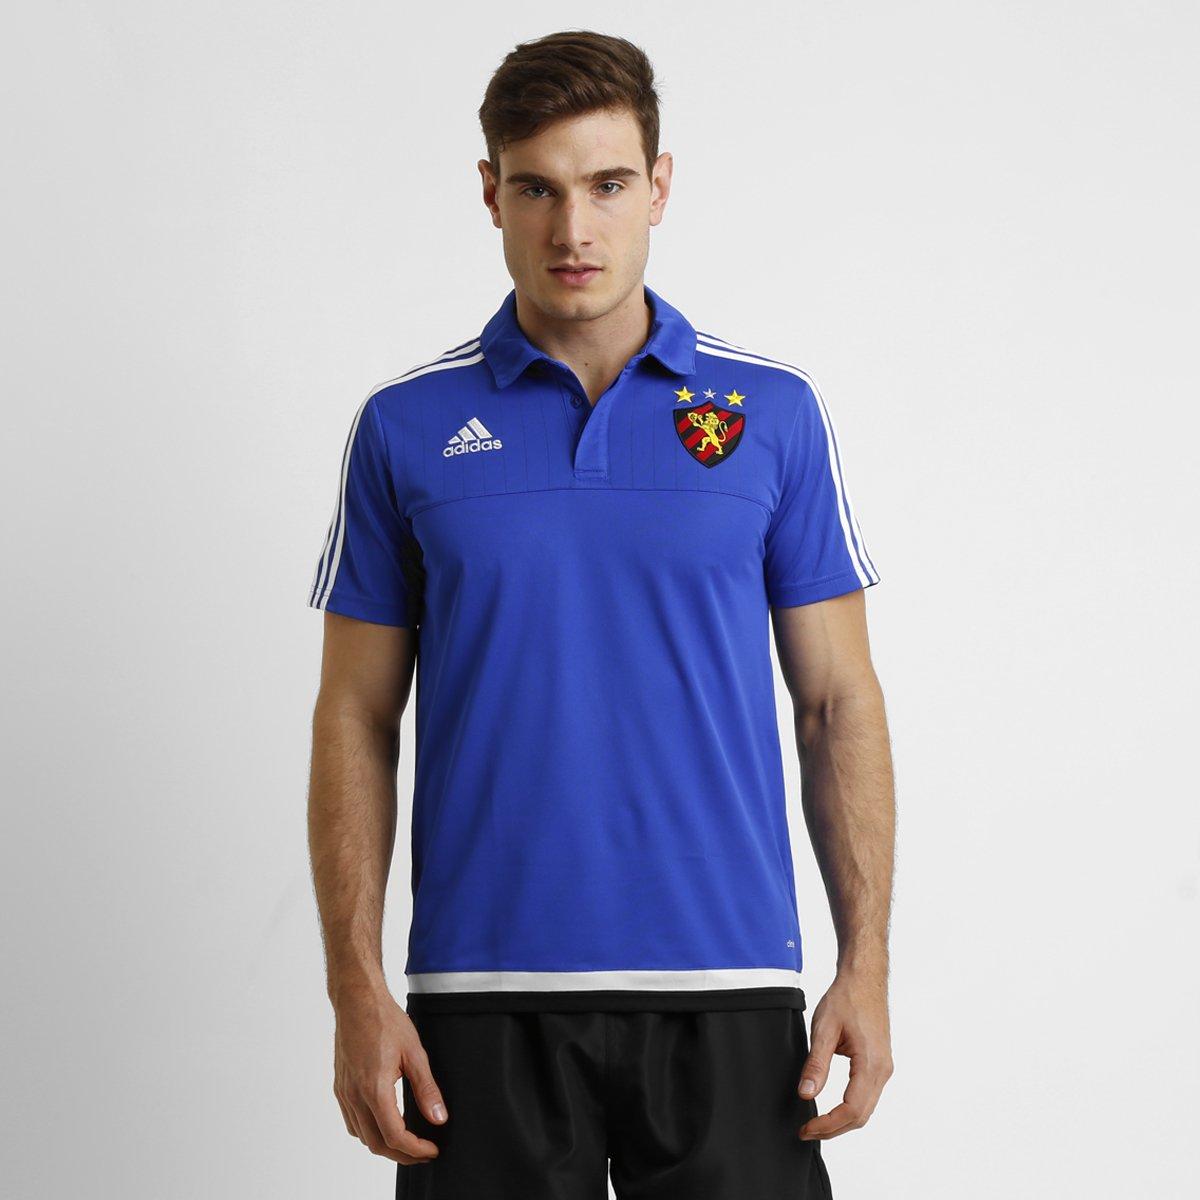 Camisa Polo Sport Recife Adidas Viagem Masculina - Compre Agora ... 812acec9d0534